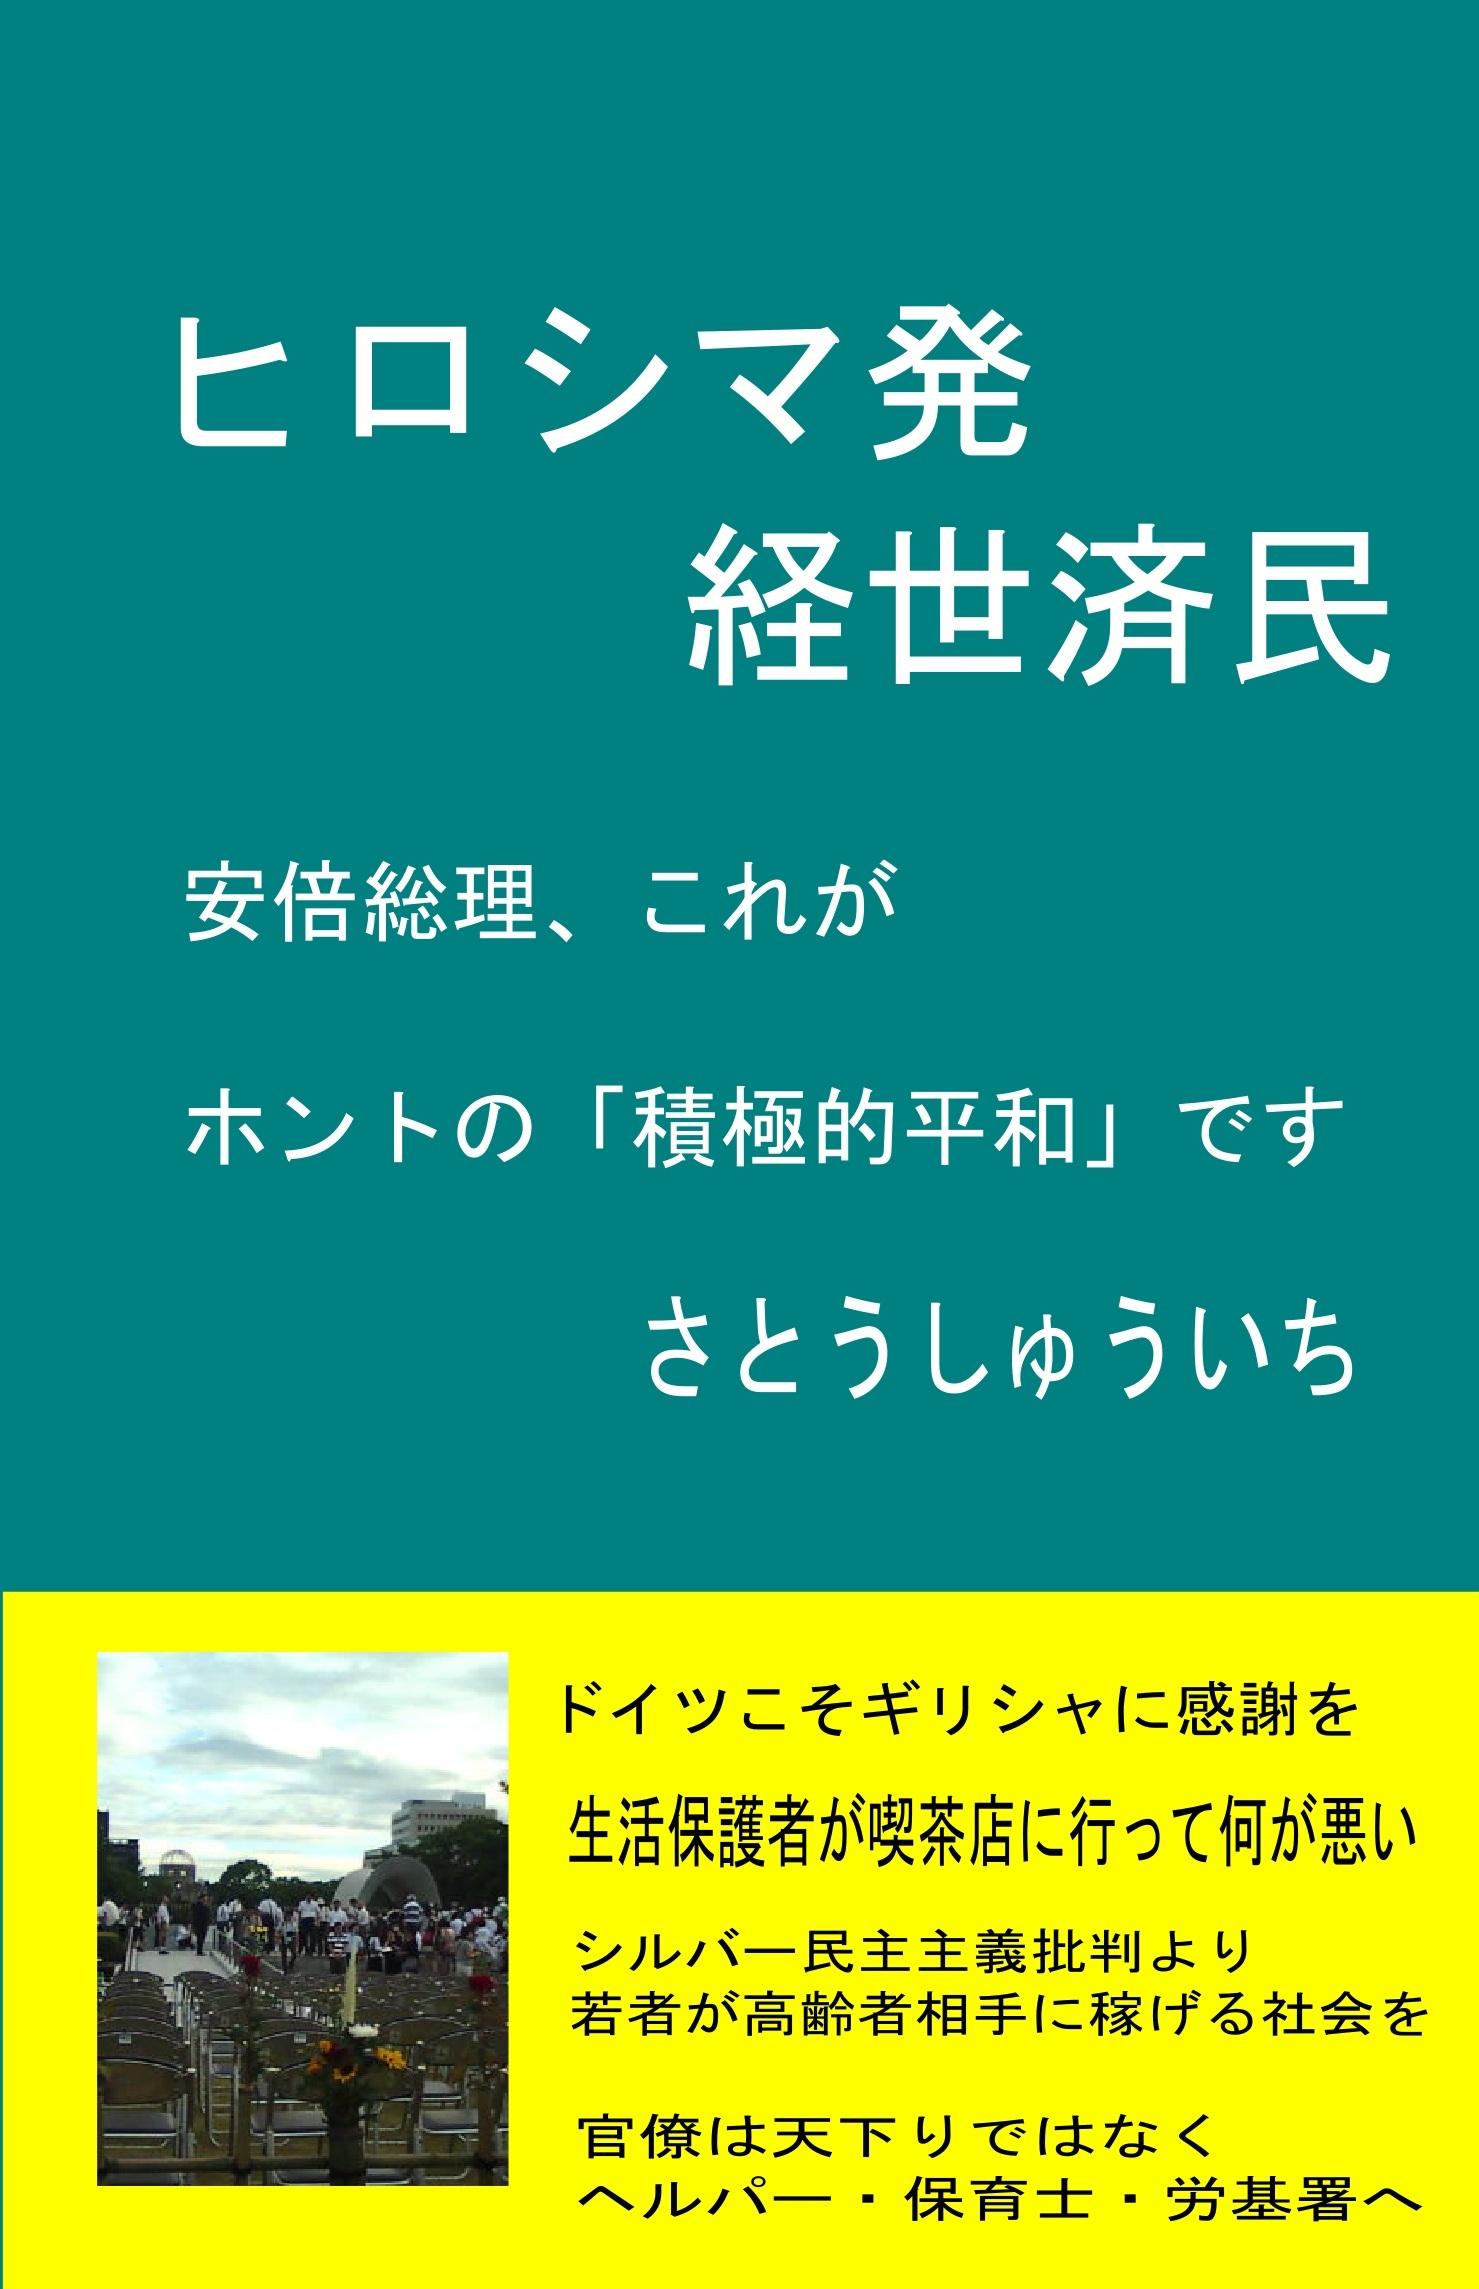 ヒロシマ発経世済民 安倍総理 これがホントの「積極的平和」です【本社最新出版物】_e0094315_07541688.jpg